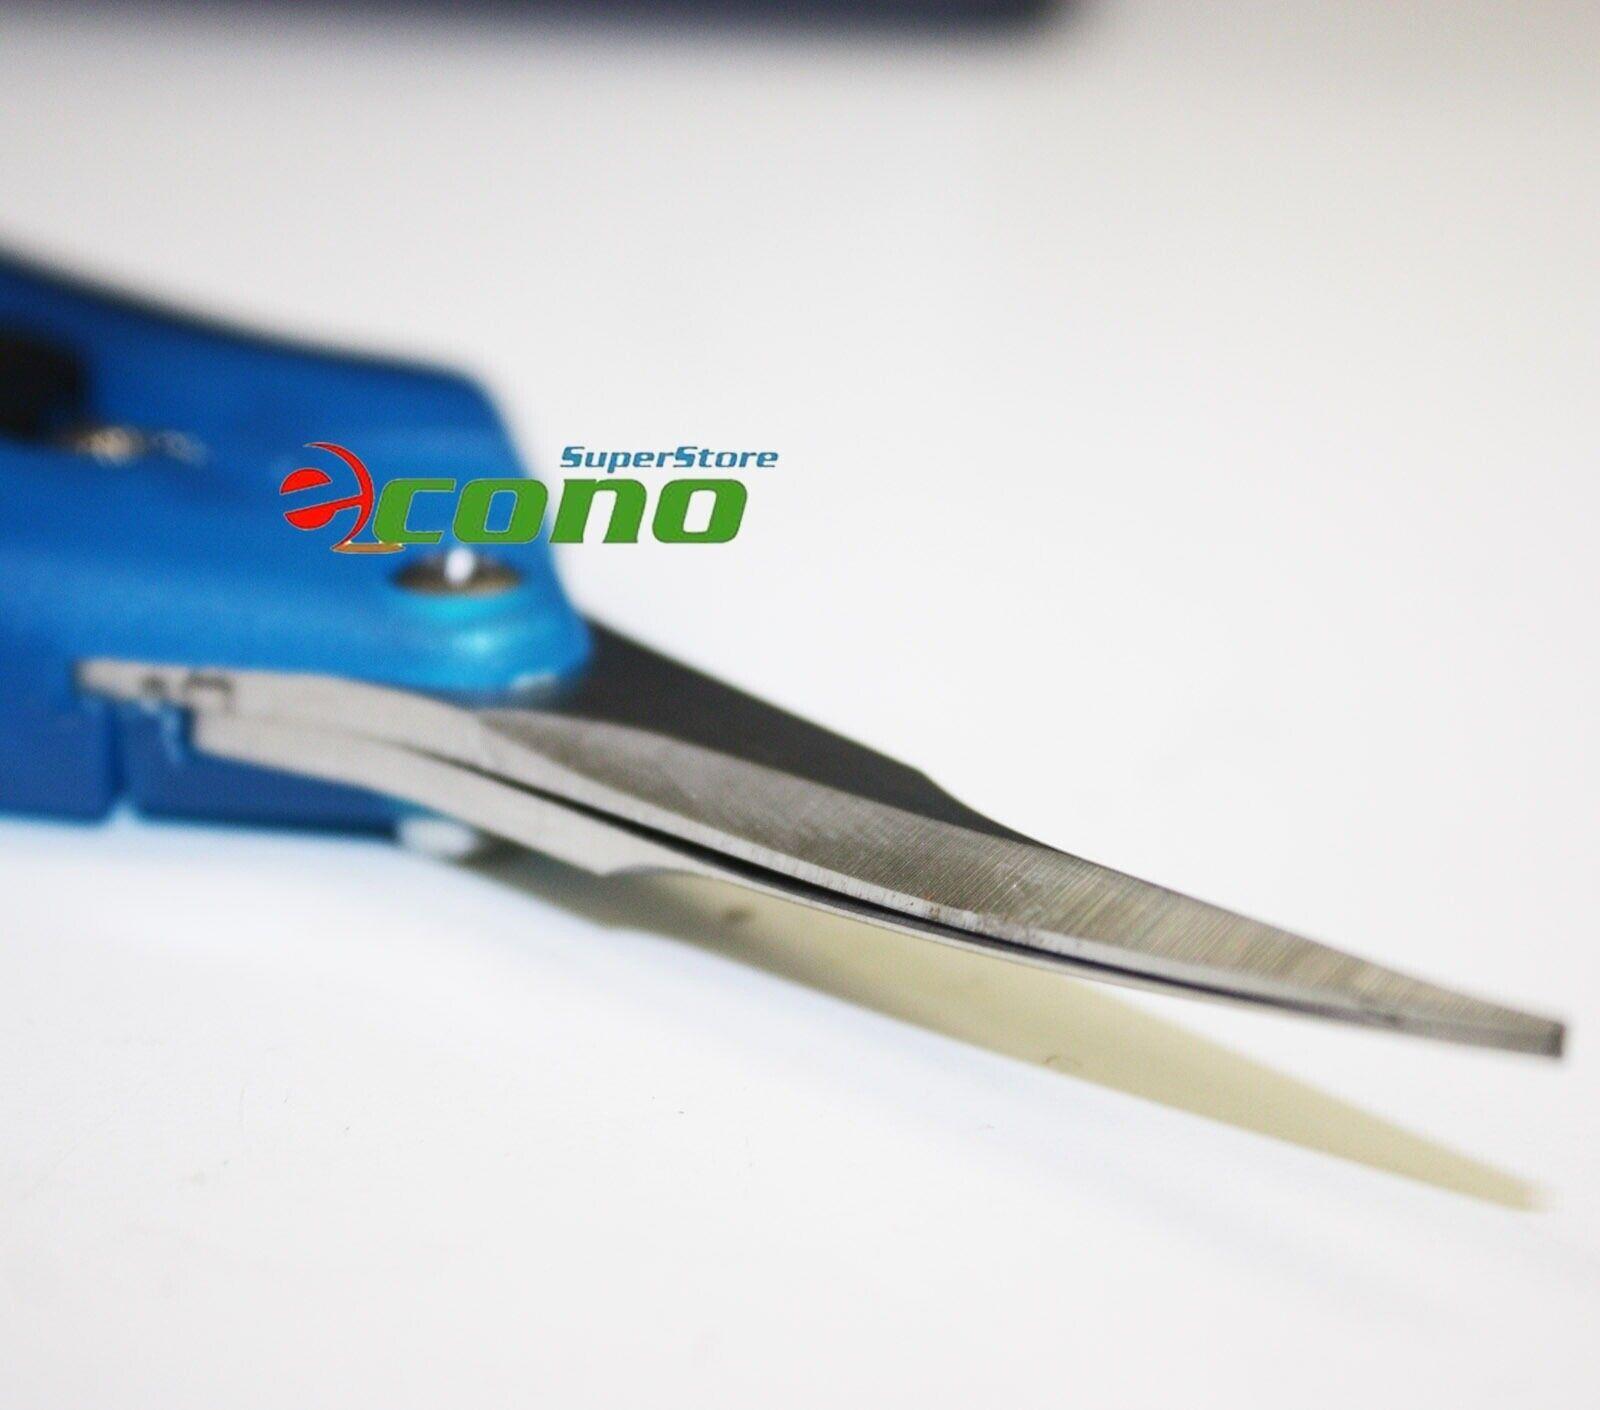 Curved Blade Trimming Scissors Hydroponics Leaf Bud Sharp harvest trimmer